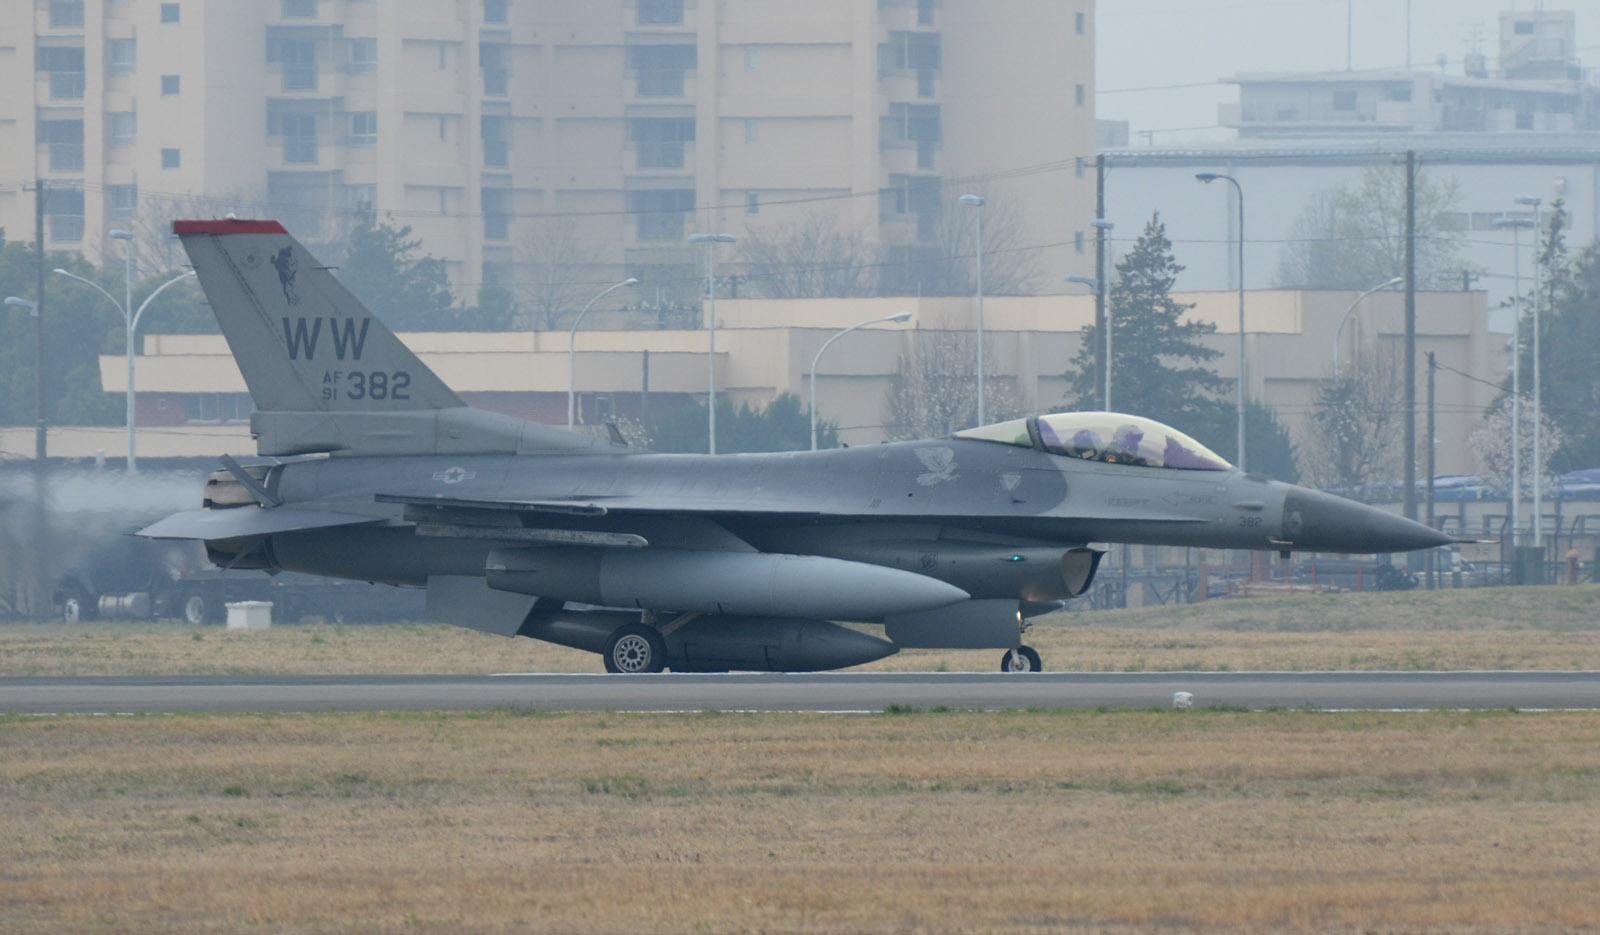 F16cm150401g736